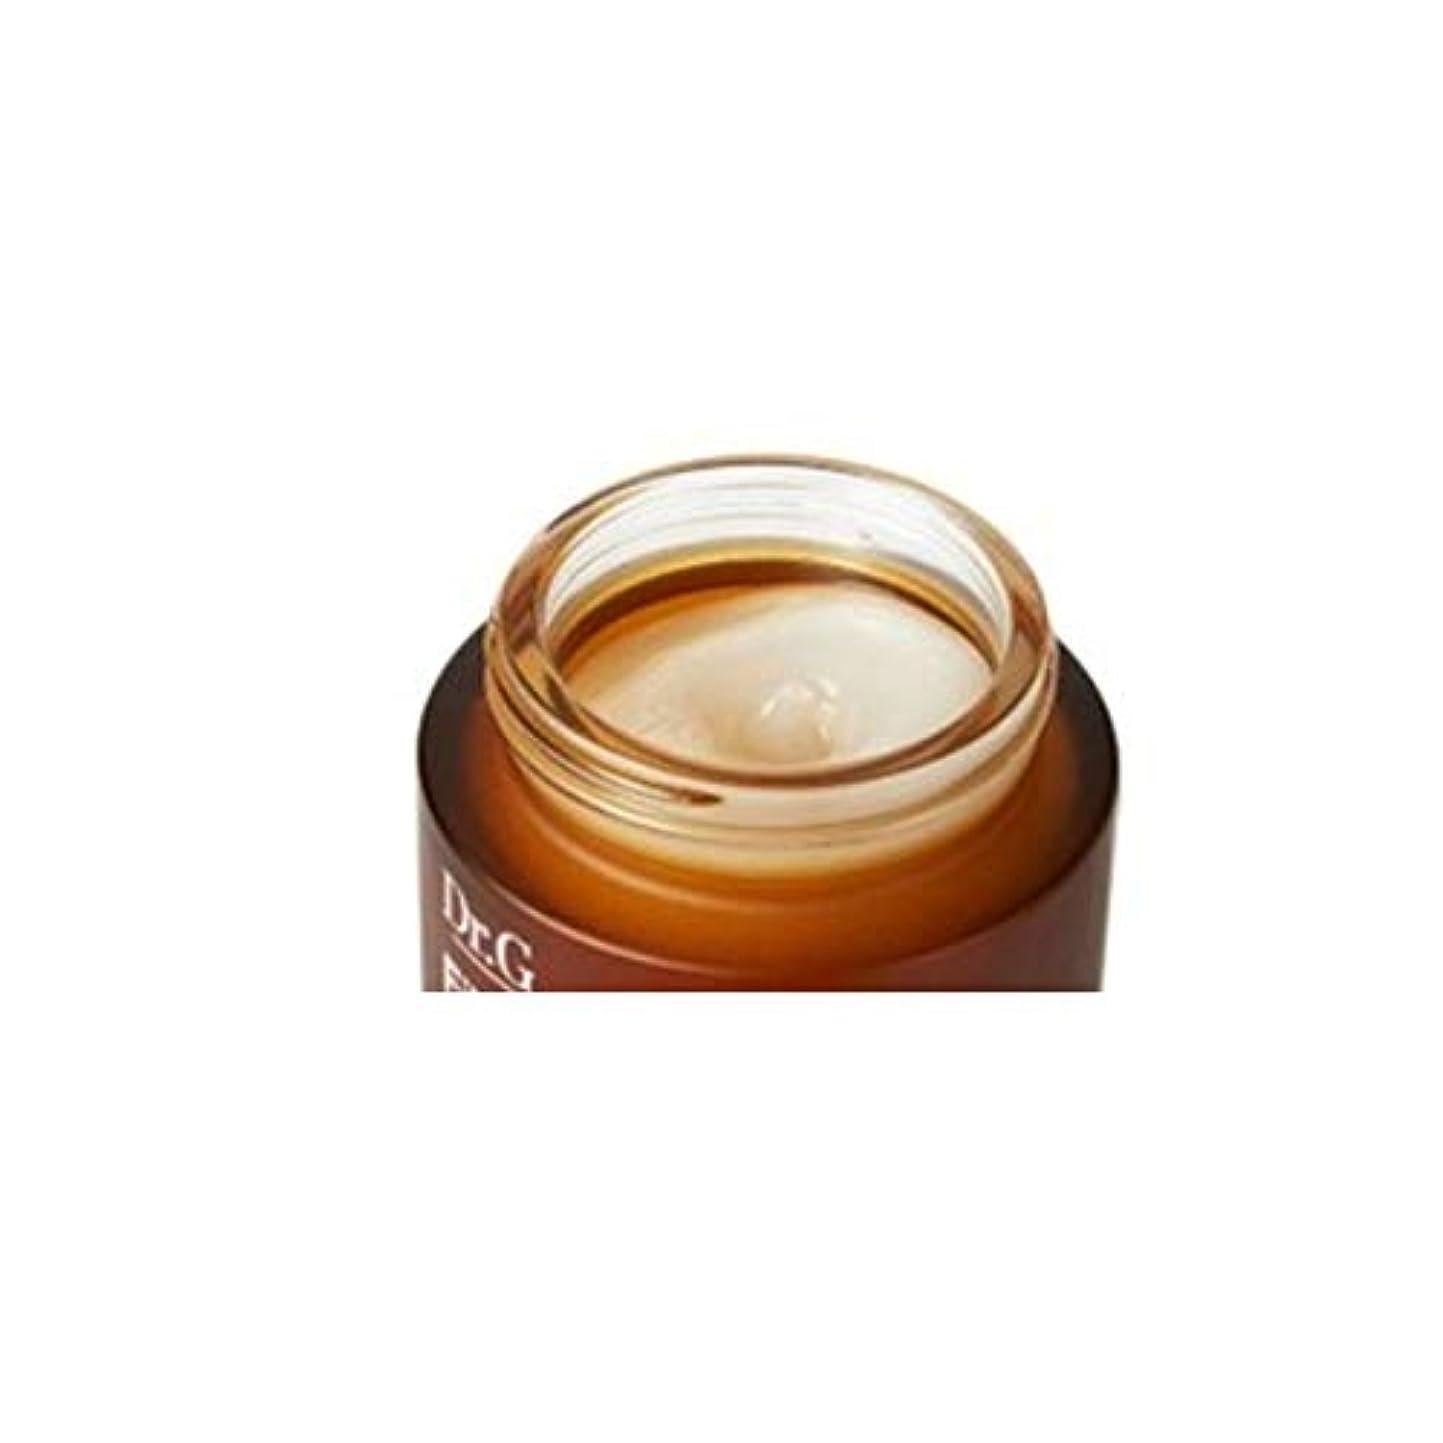 僕のメンダシティロックドクターGピラーグリーンバリアBalm 50mlx2本セット お肌の保湿 韓国コスメ、Dr.G Filagrin Barrier Balm 50ml x 2ea Set Korean Cosmetics [並行輸入品]